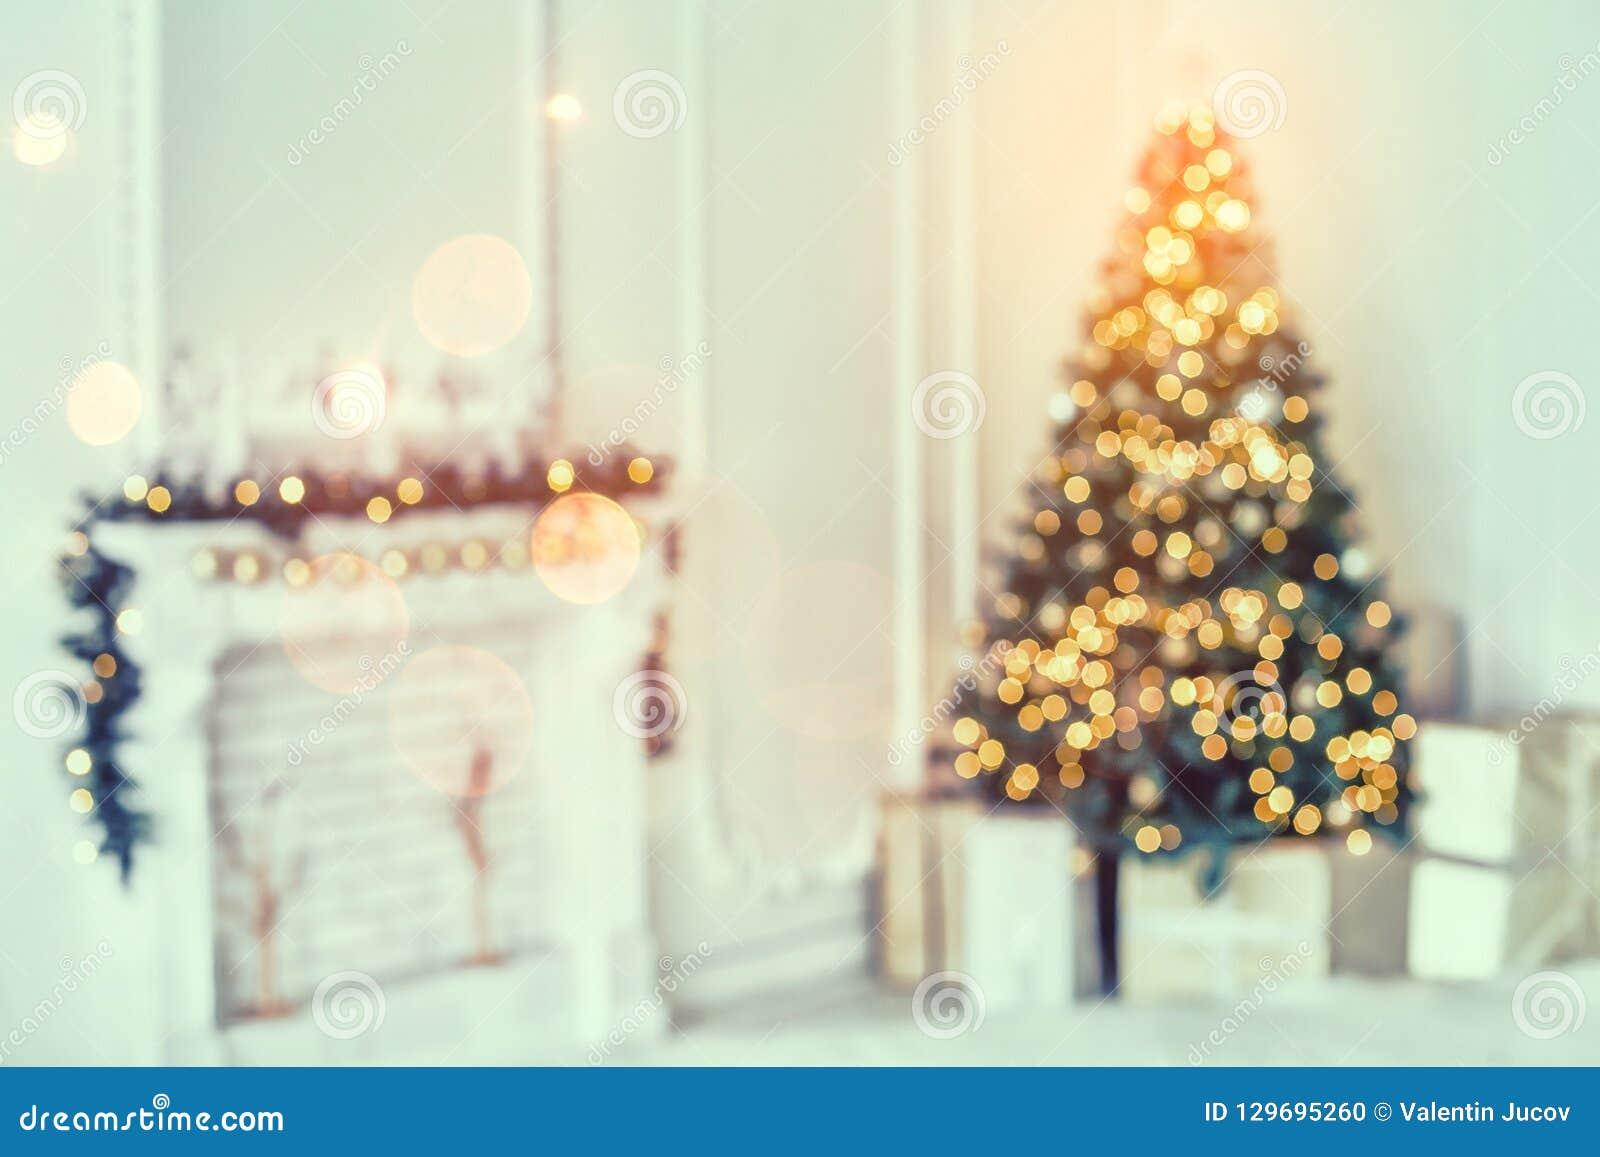 De vakantie verfraaide ruimte met Kerstboom en decoratie, achtergrond met vaag, het vonken, het gloeien licht